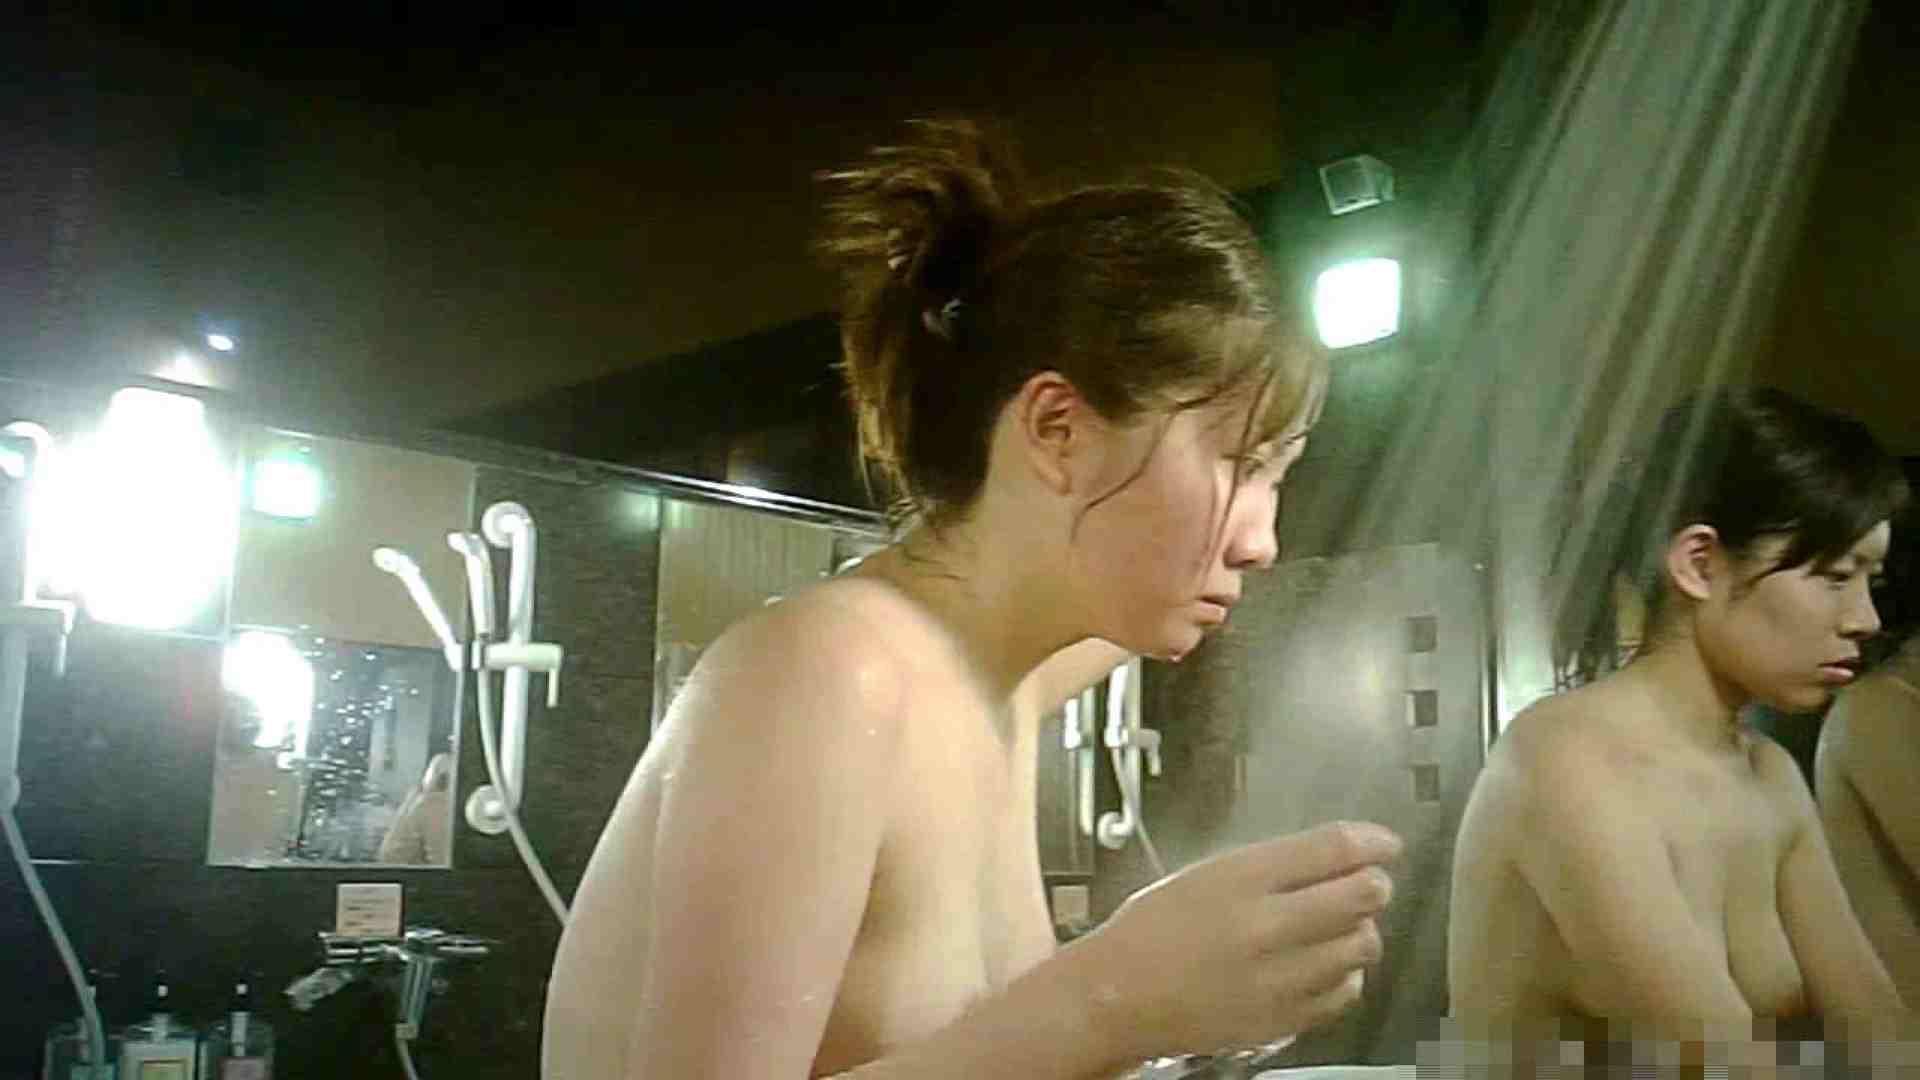 手を染めてしまった女性盗撮師の女風呂潜入記 vol.004 女風呂   HなOL  83pic 1